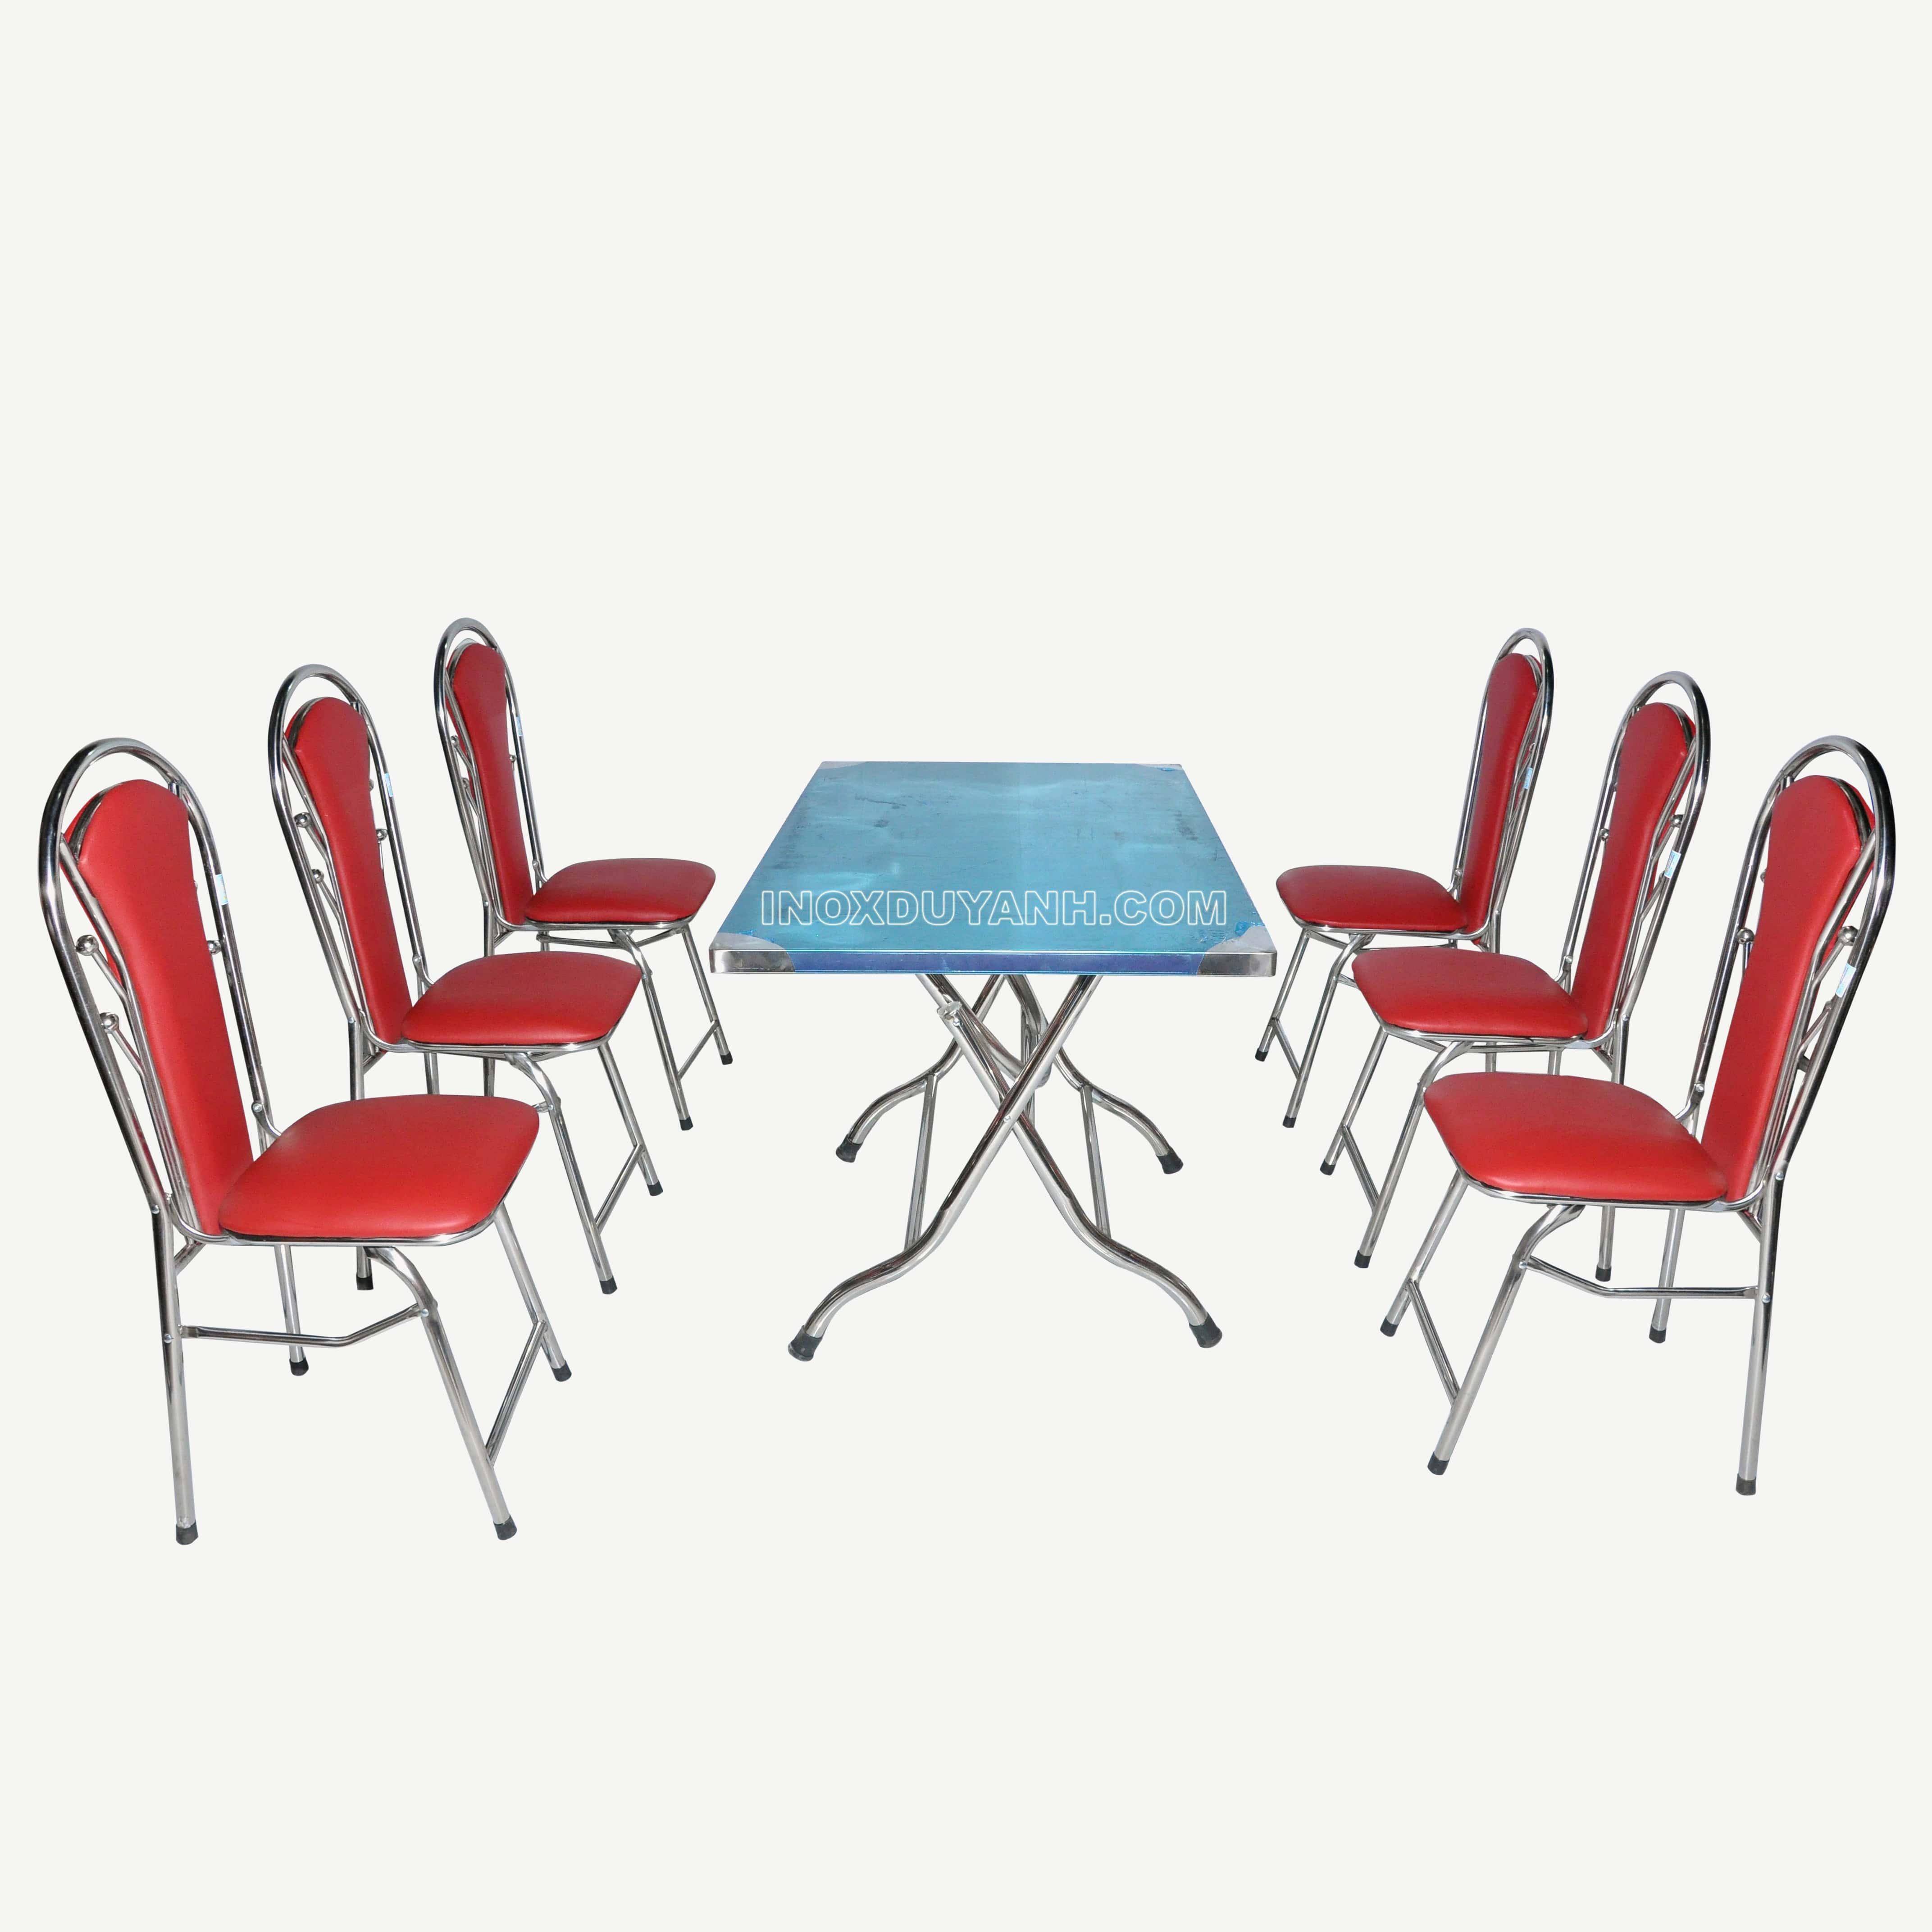 Bộ bàn ghế inox vuông và ghế 4 bi